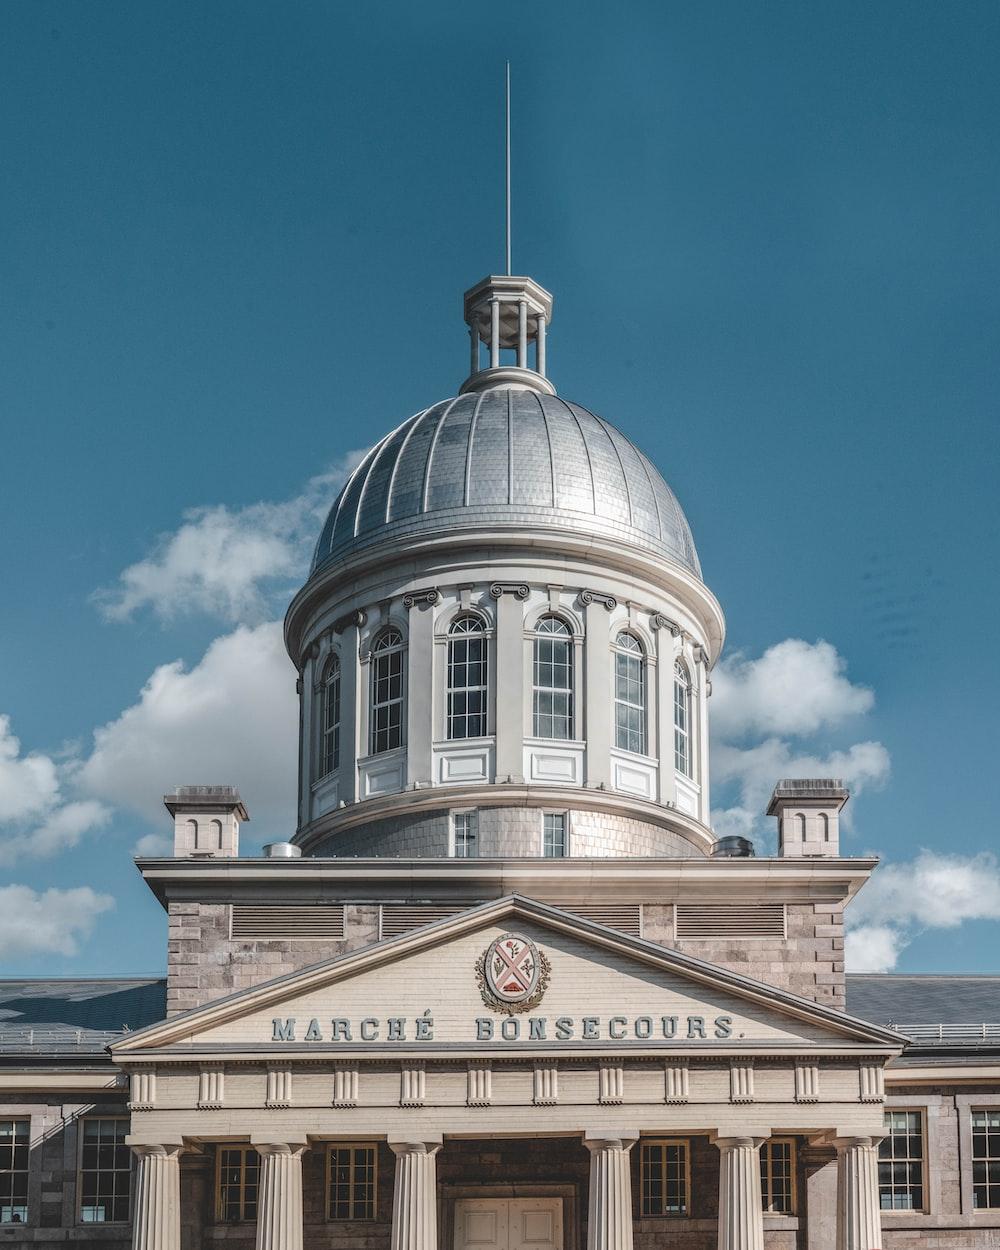 Marche Bonsecours dome building